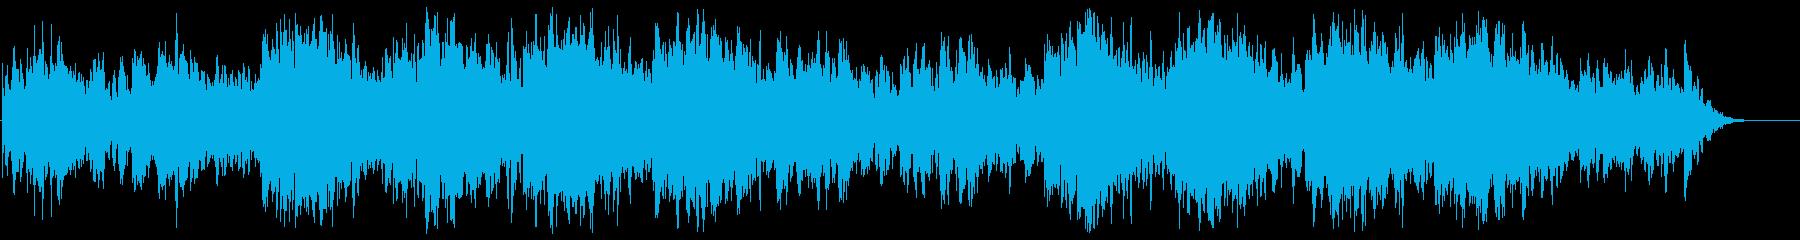 綺麗な音色で神秘的なメロディーの再生済みの波形